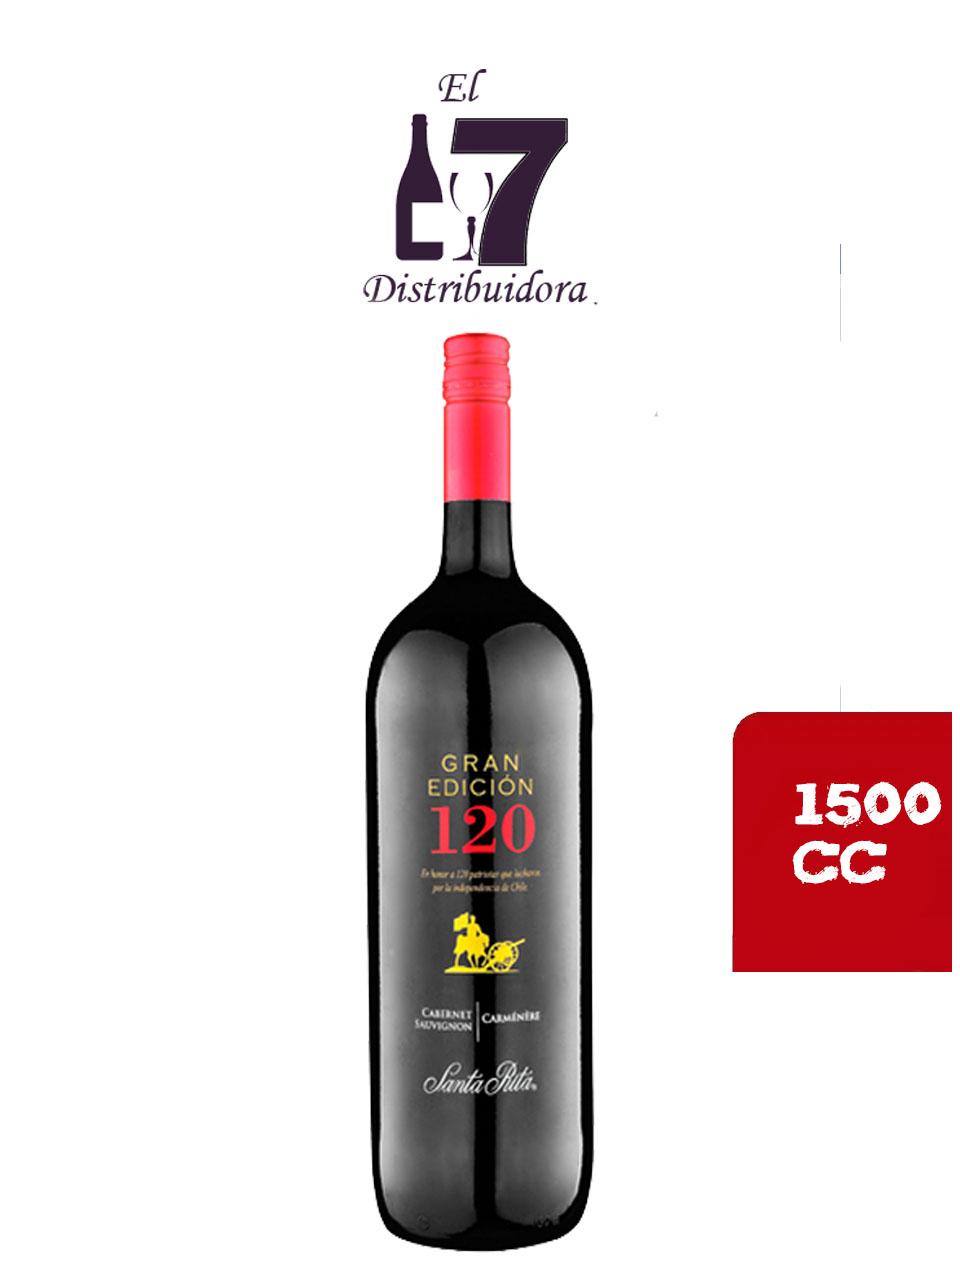 120 Gran Edición Cabernet Sauvignon Carménére Botellon 1500 CC x 6 unidades